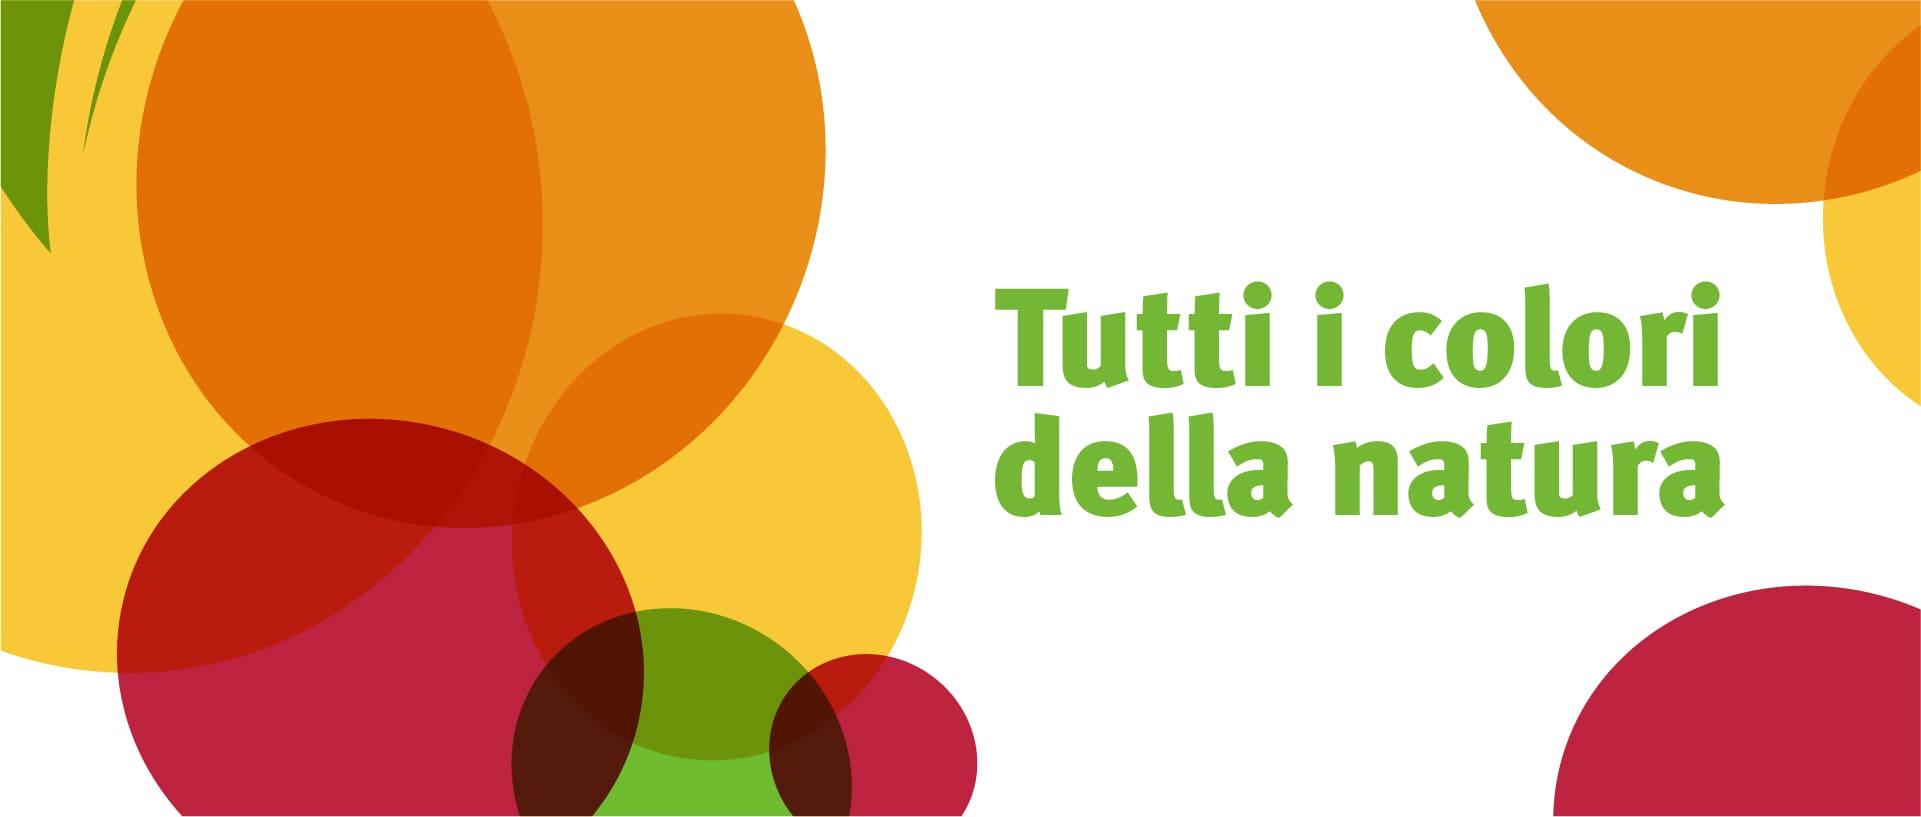 Pignatarosrl.com_Tutti_i_colori_della_natura